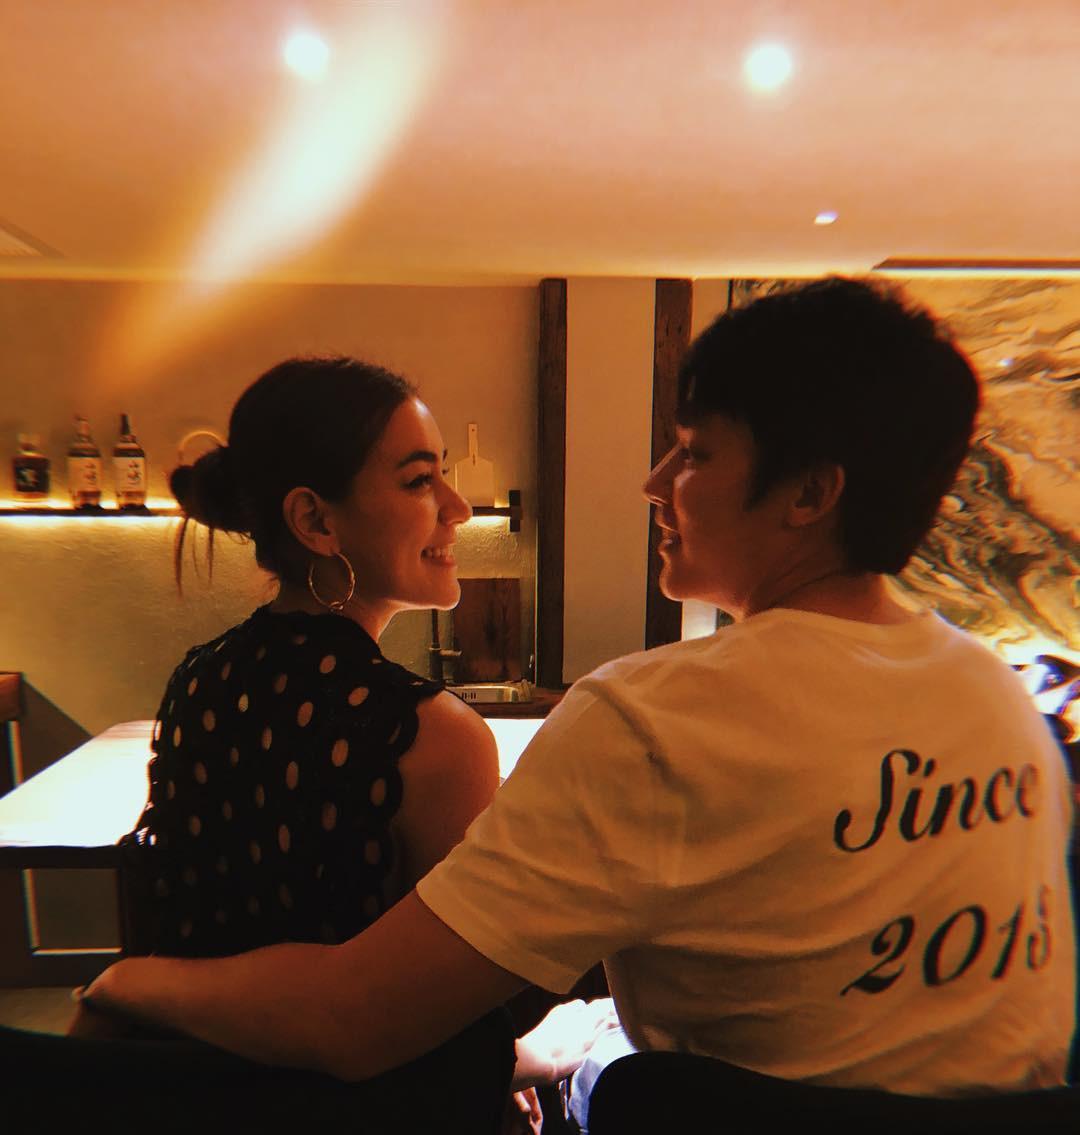 Dàn sao seri phim hoành tráng nhất Thái Lan sau 8 năm: Nam nữ chính nên duyên, đồng loạt đổi đời thành sao hạng A - Ảnh 20.